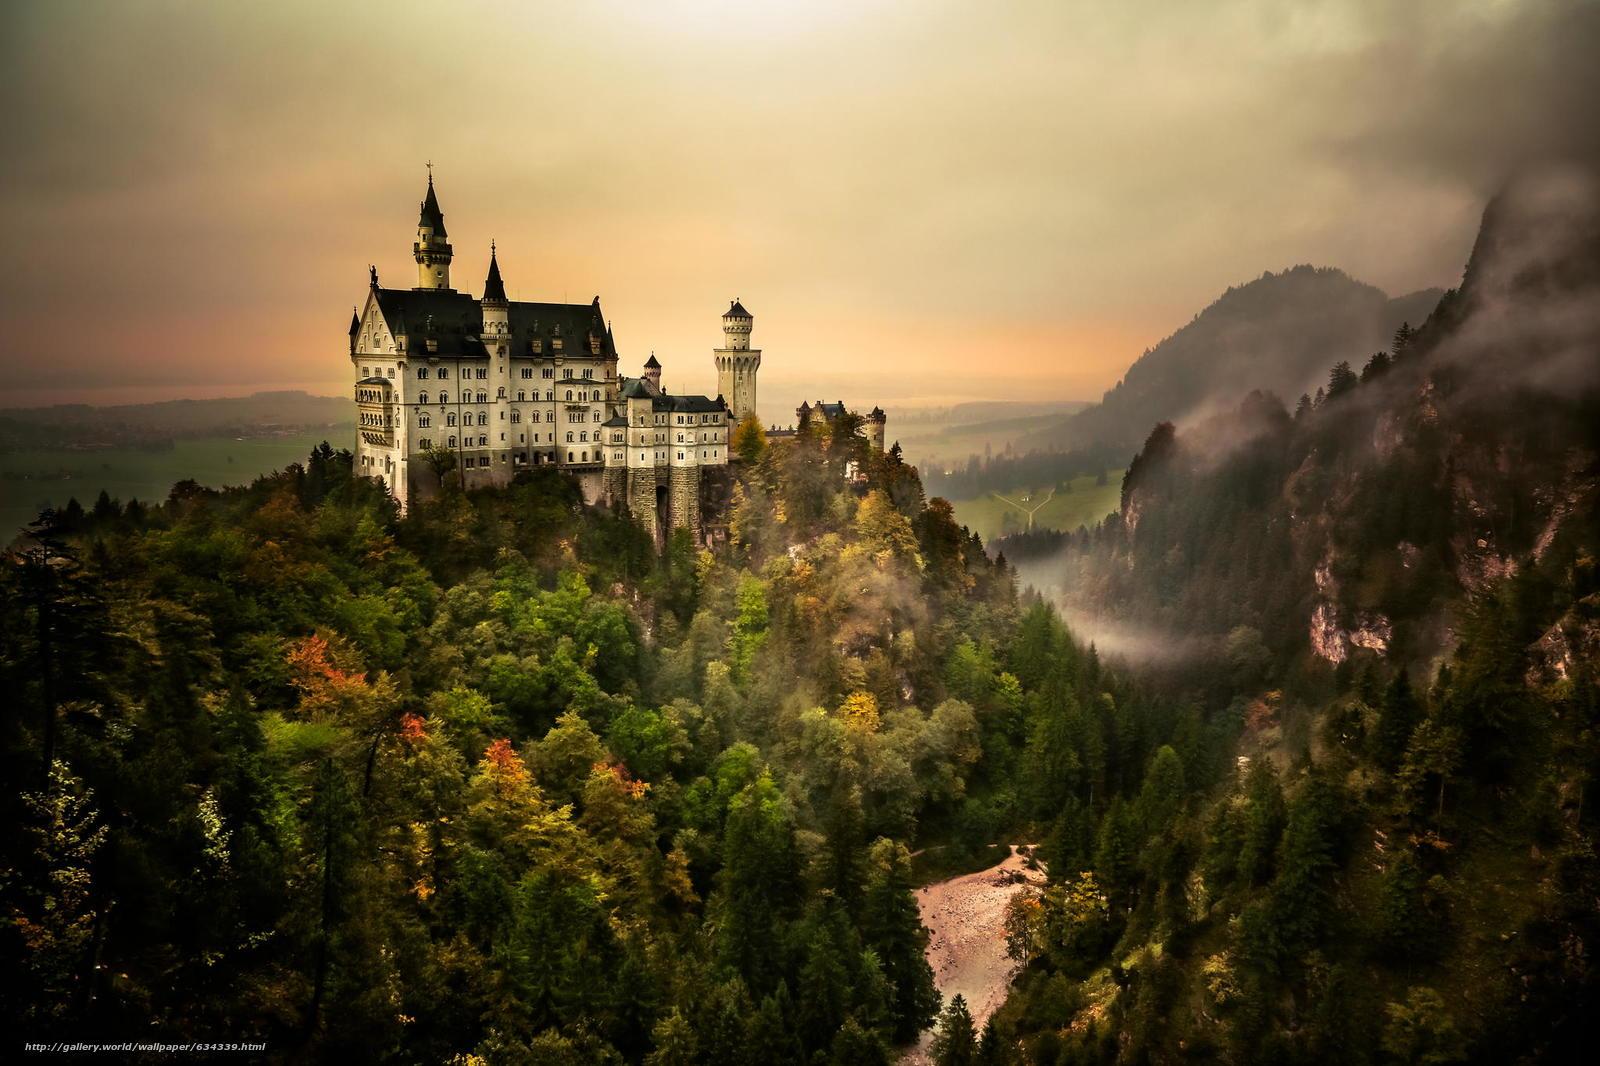 Скачать обои Neuschwanstein Castle,  Bavaria,  Germany,  Замок Нойшванштайн бесплатно для рабочего стола в разрешении 2048x1365 — картинка №634339